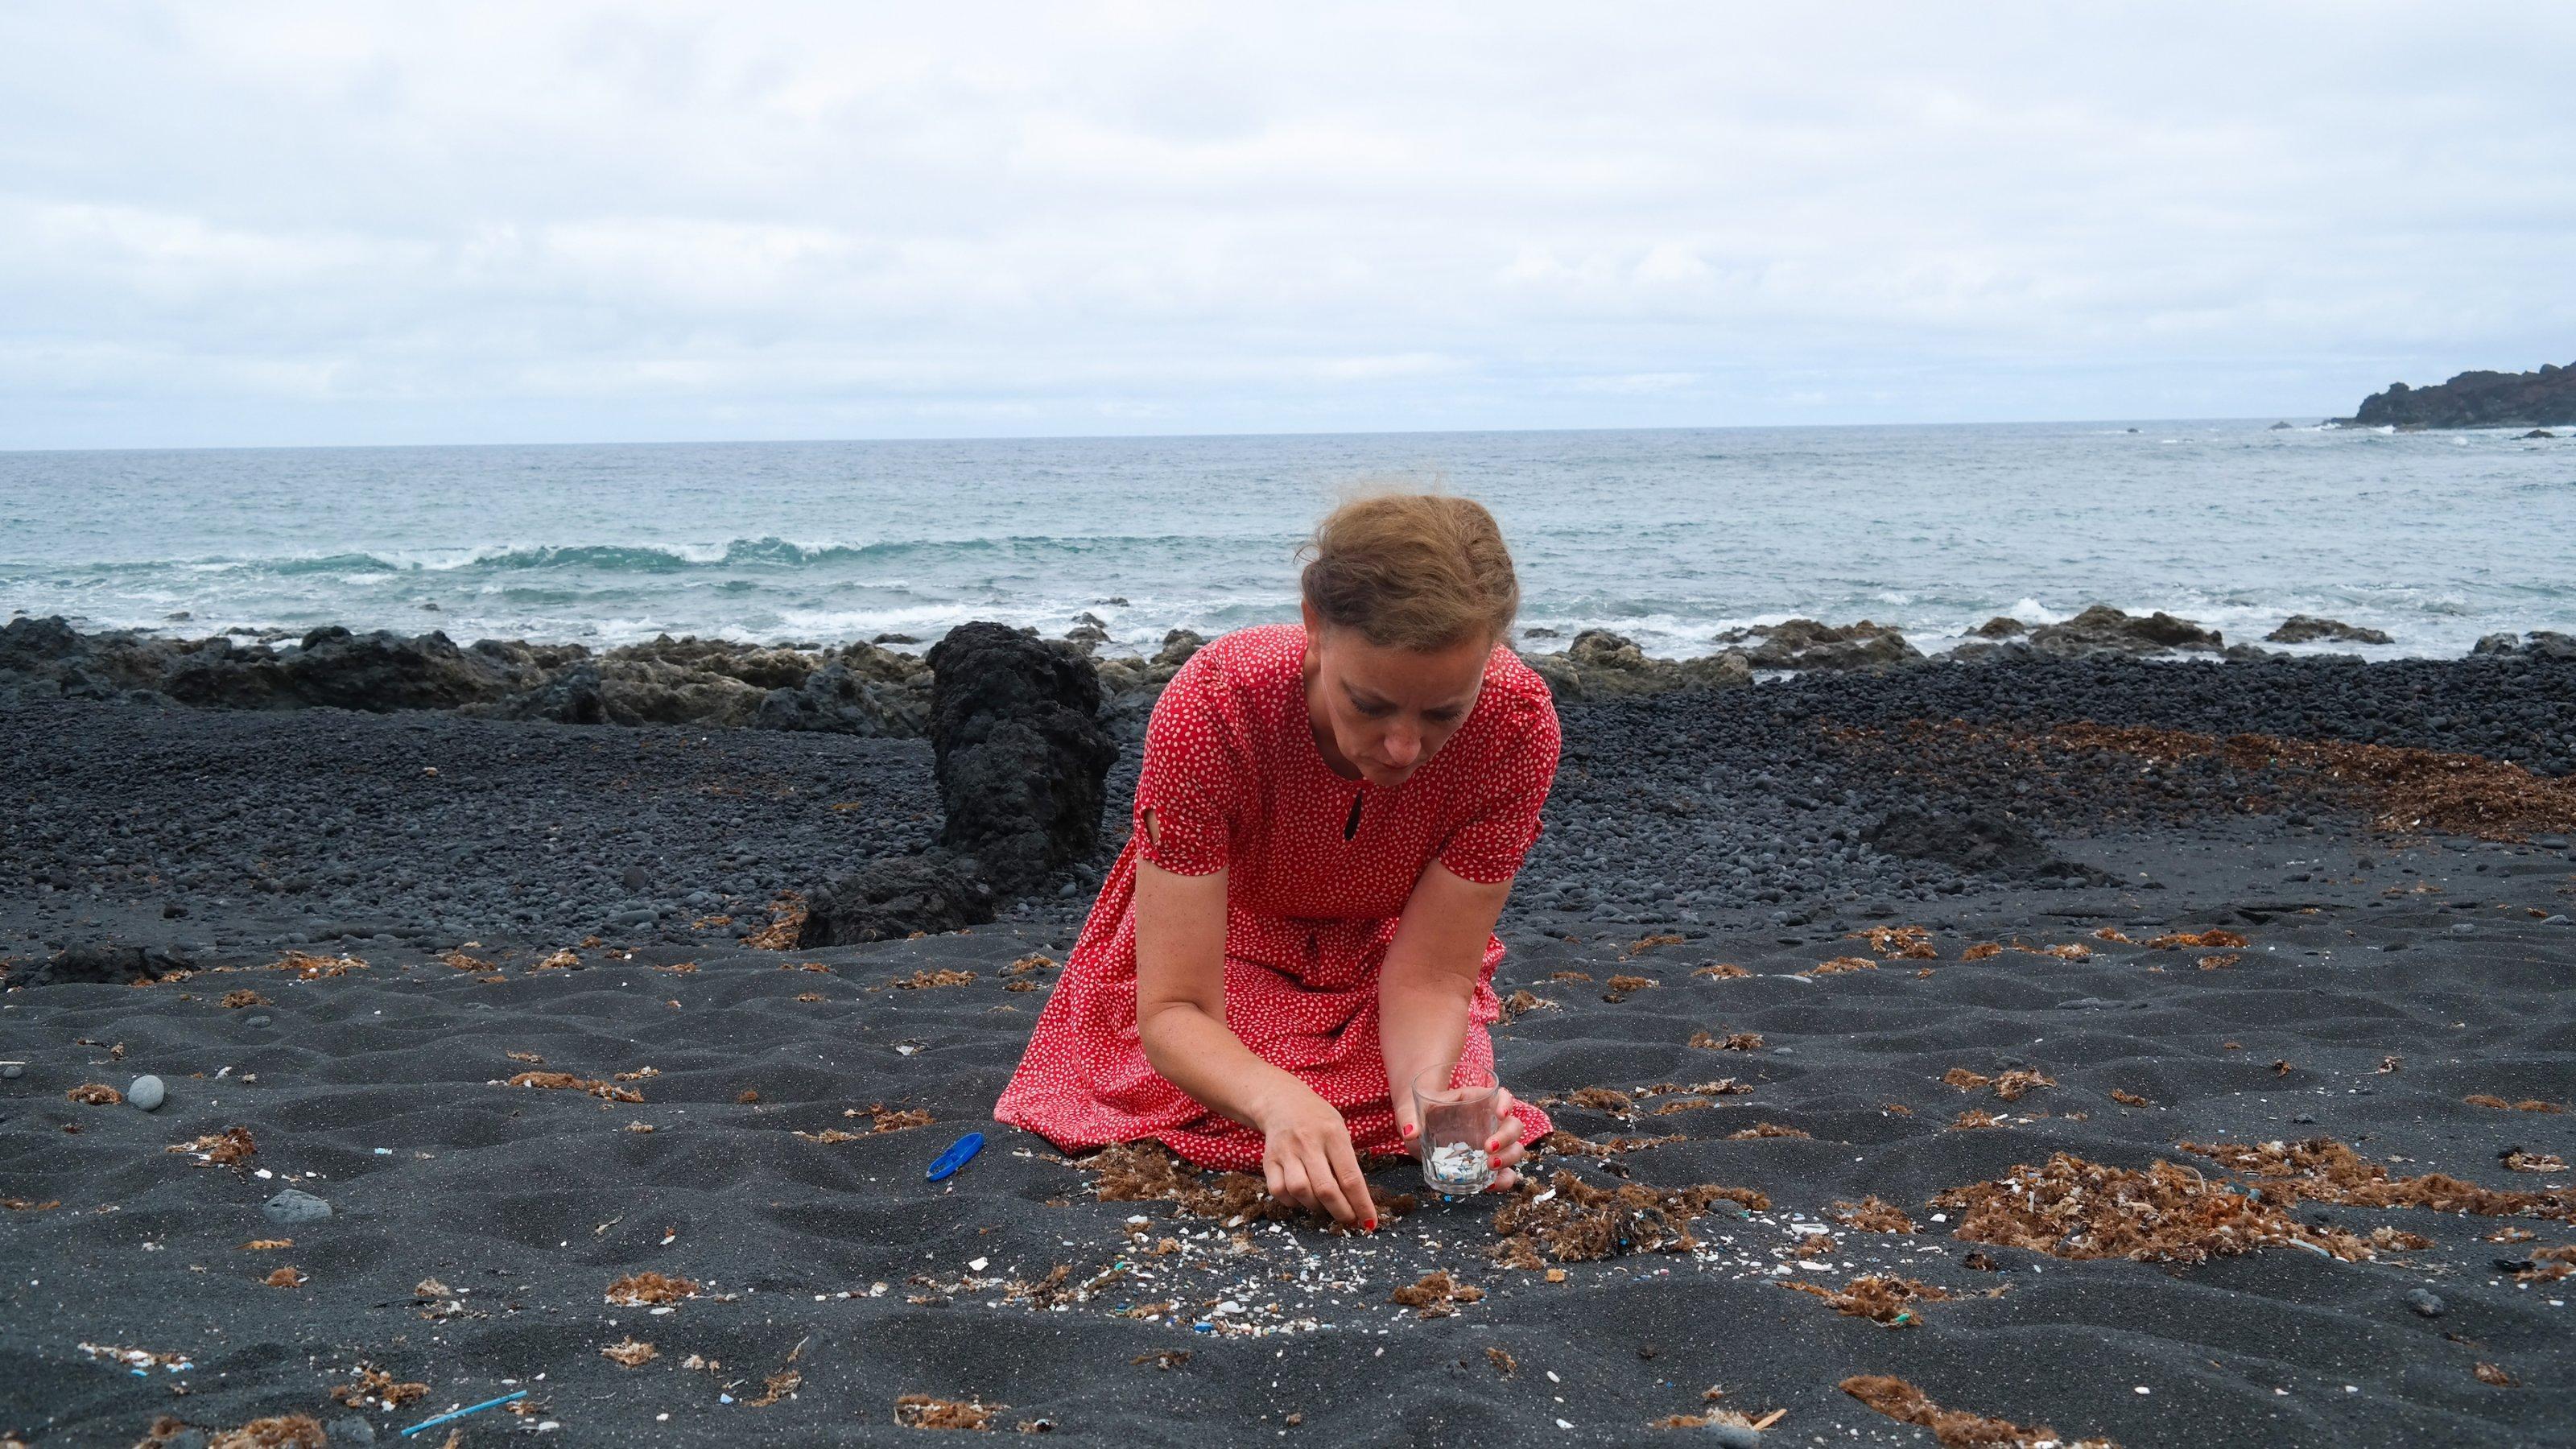 Künstlerin Swaantje Güntzel hockt in einem roten Kleid an einem schwarzen Strand und sammelt Mikroplastik aus dem Sand.